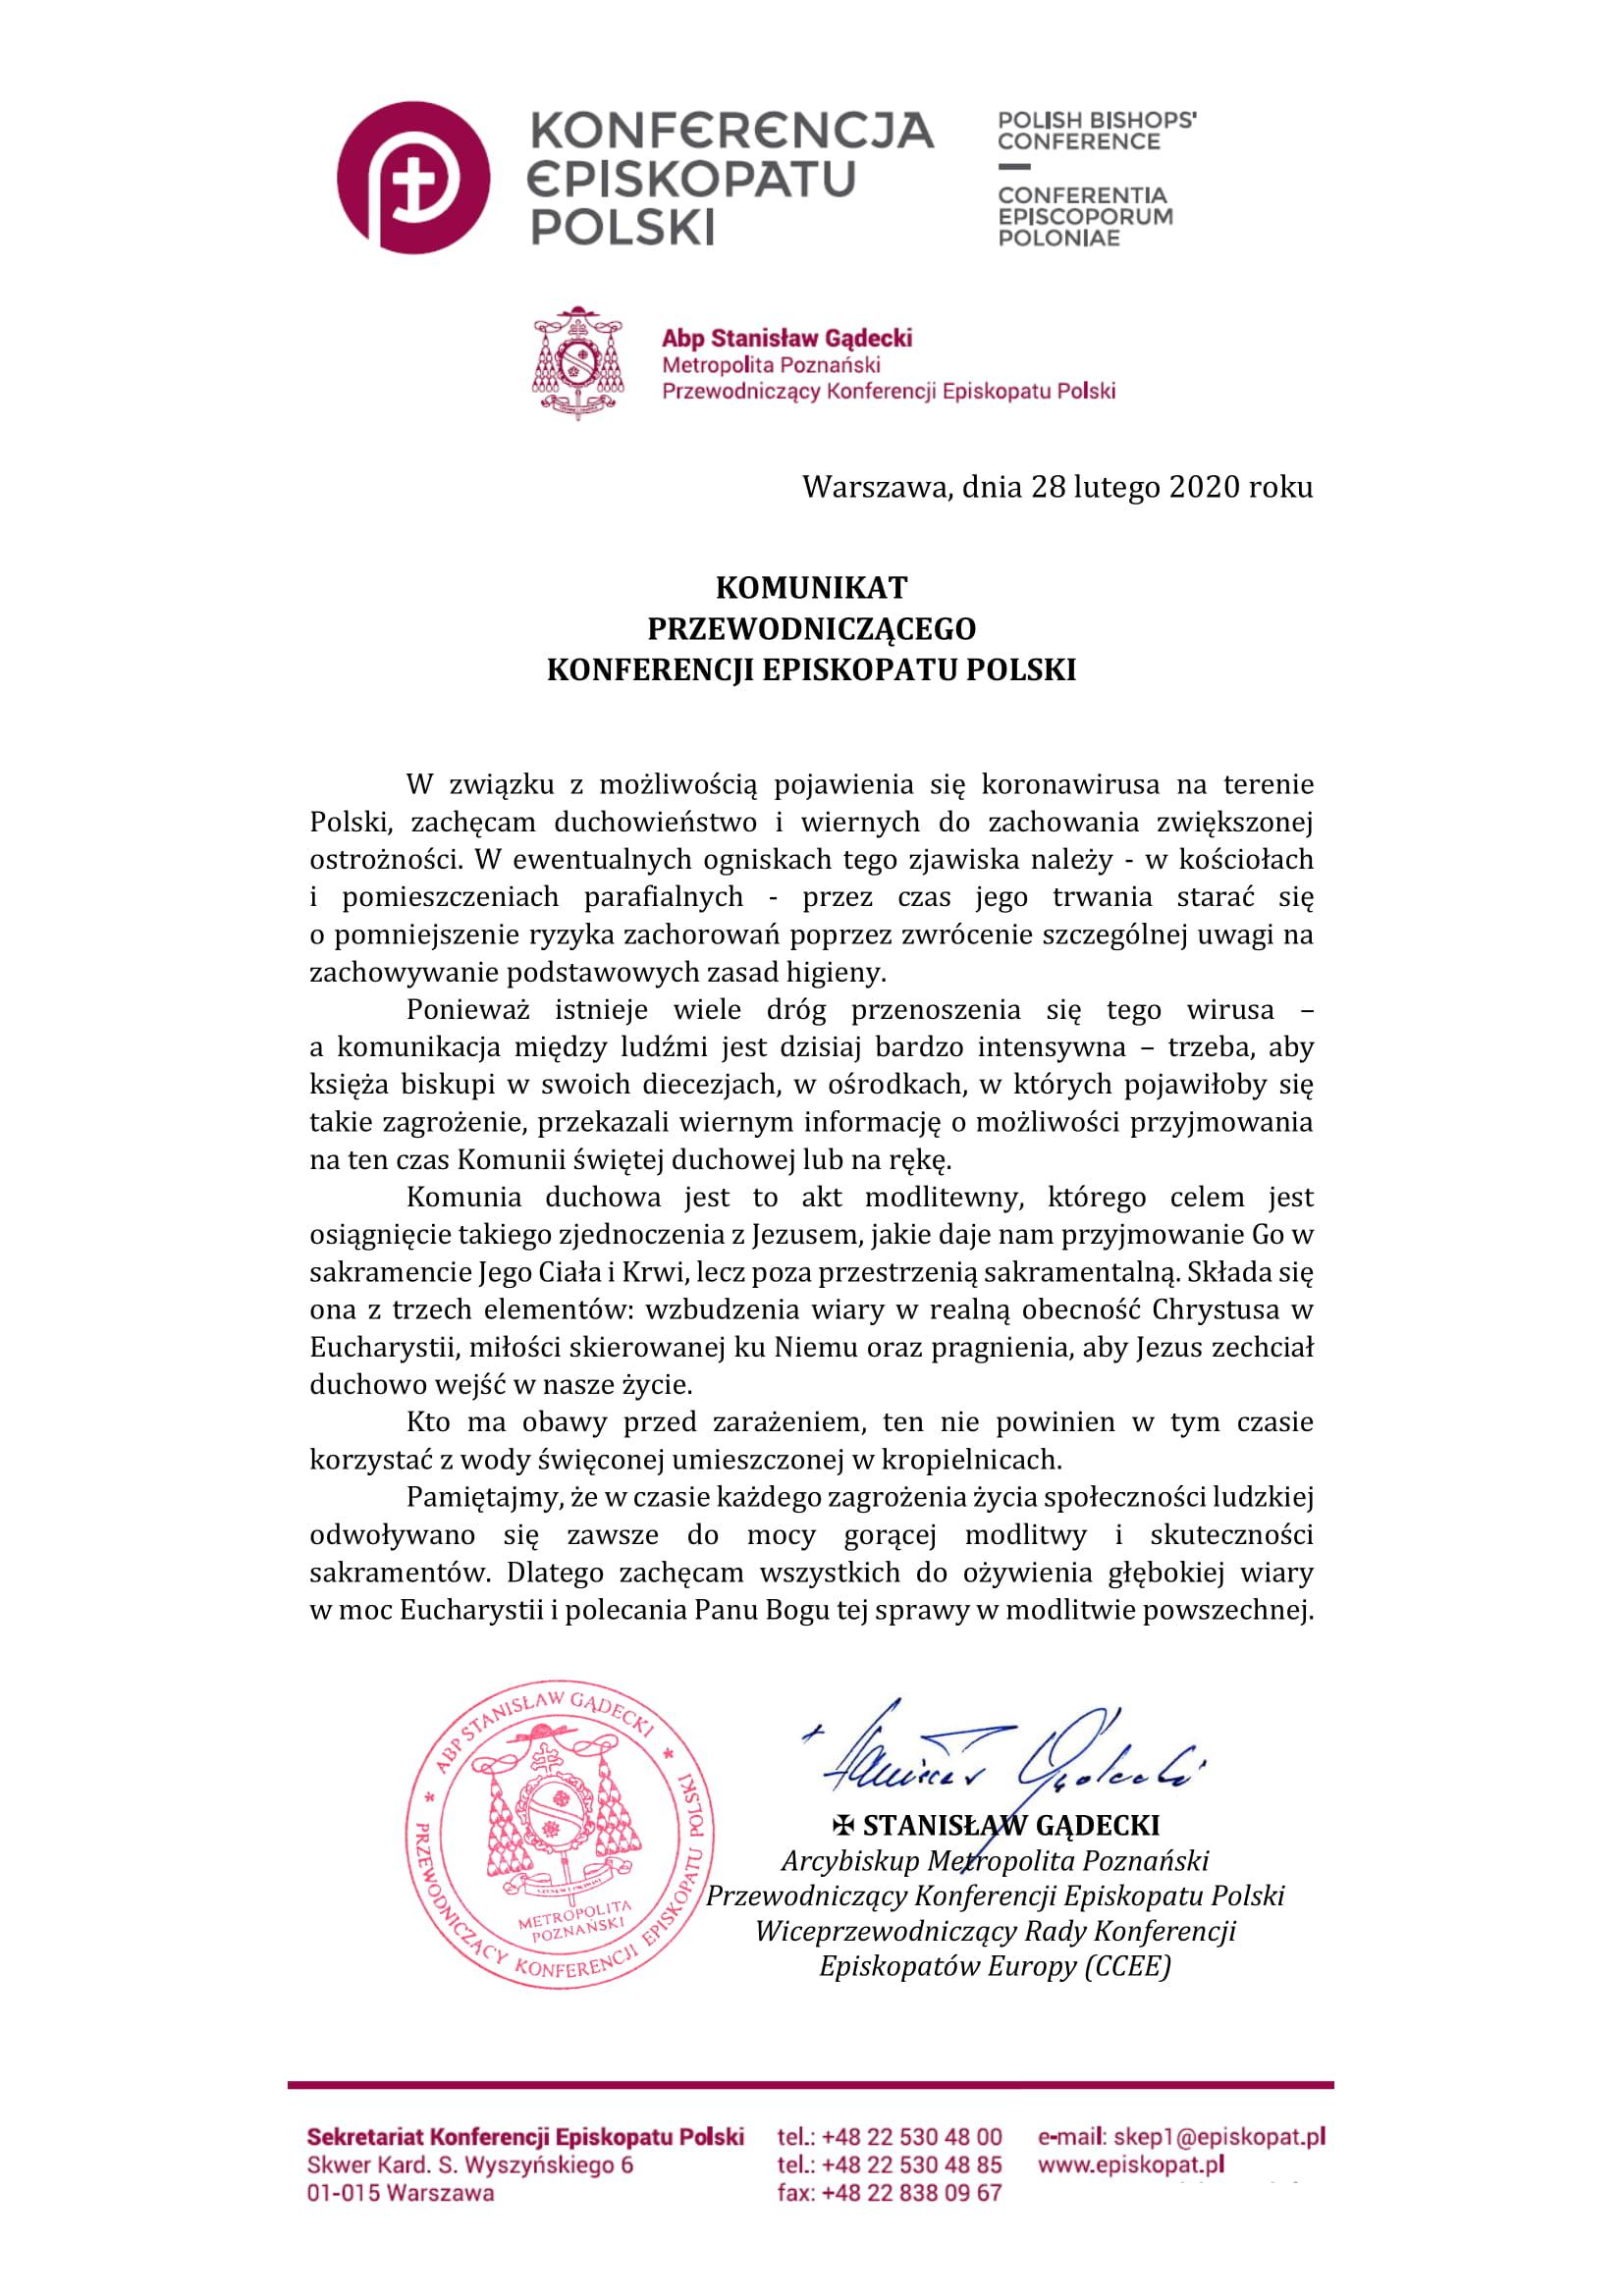 KOMUNIKAT Przewodniczacego Konferencji Episkopatu Polski-1